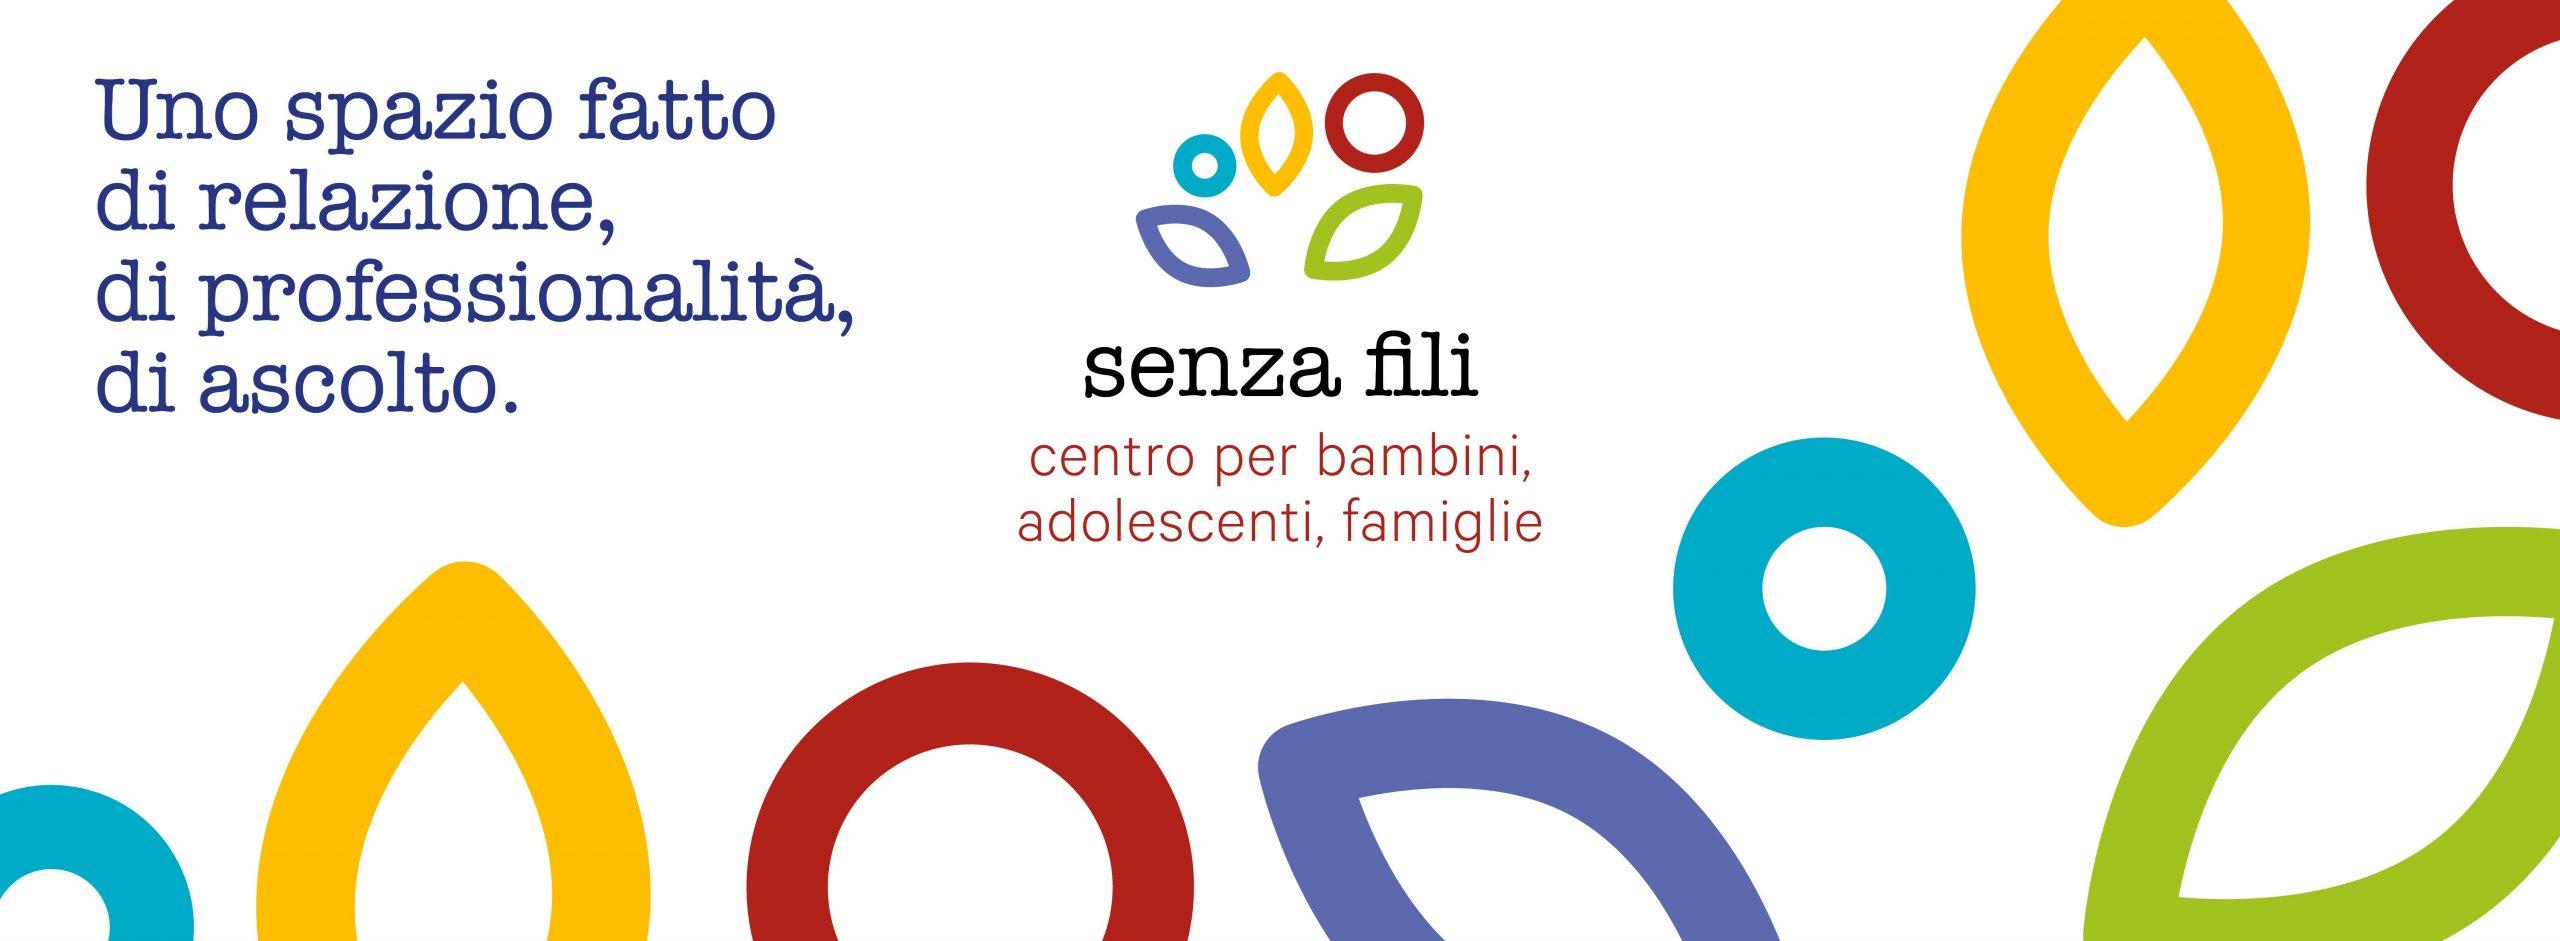 testata_centro_senza_fili